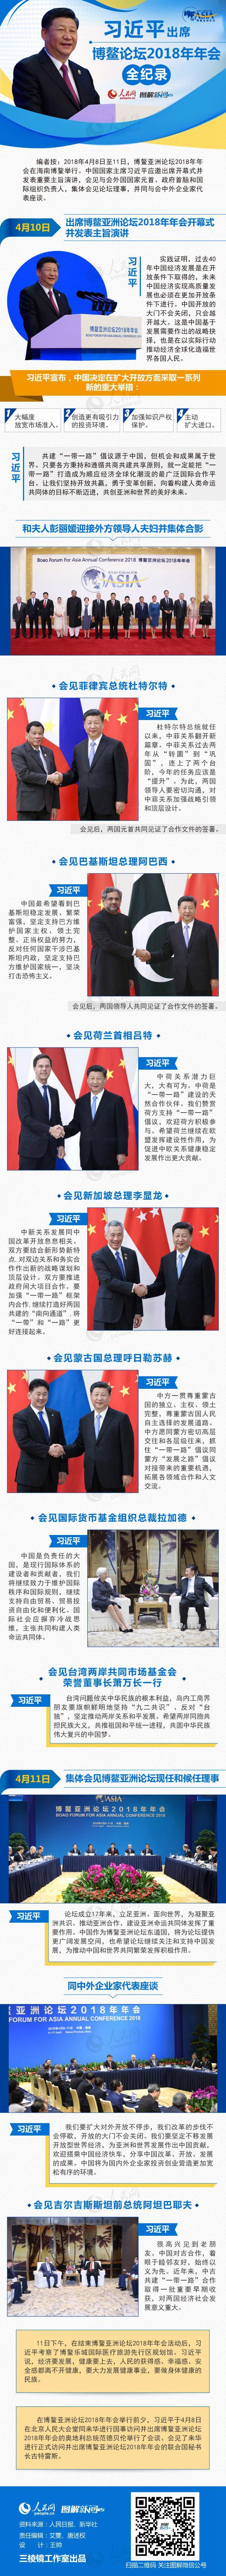 图解:习近平出席博鳌论坛2018年年会全纪录